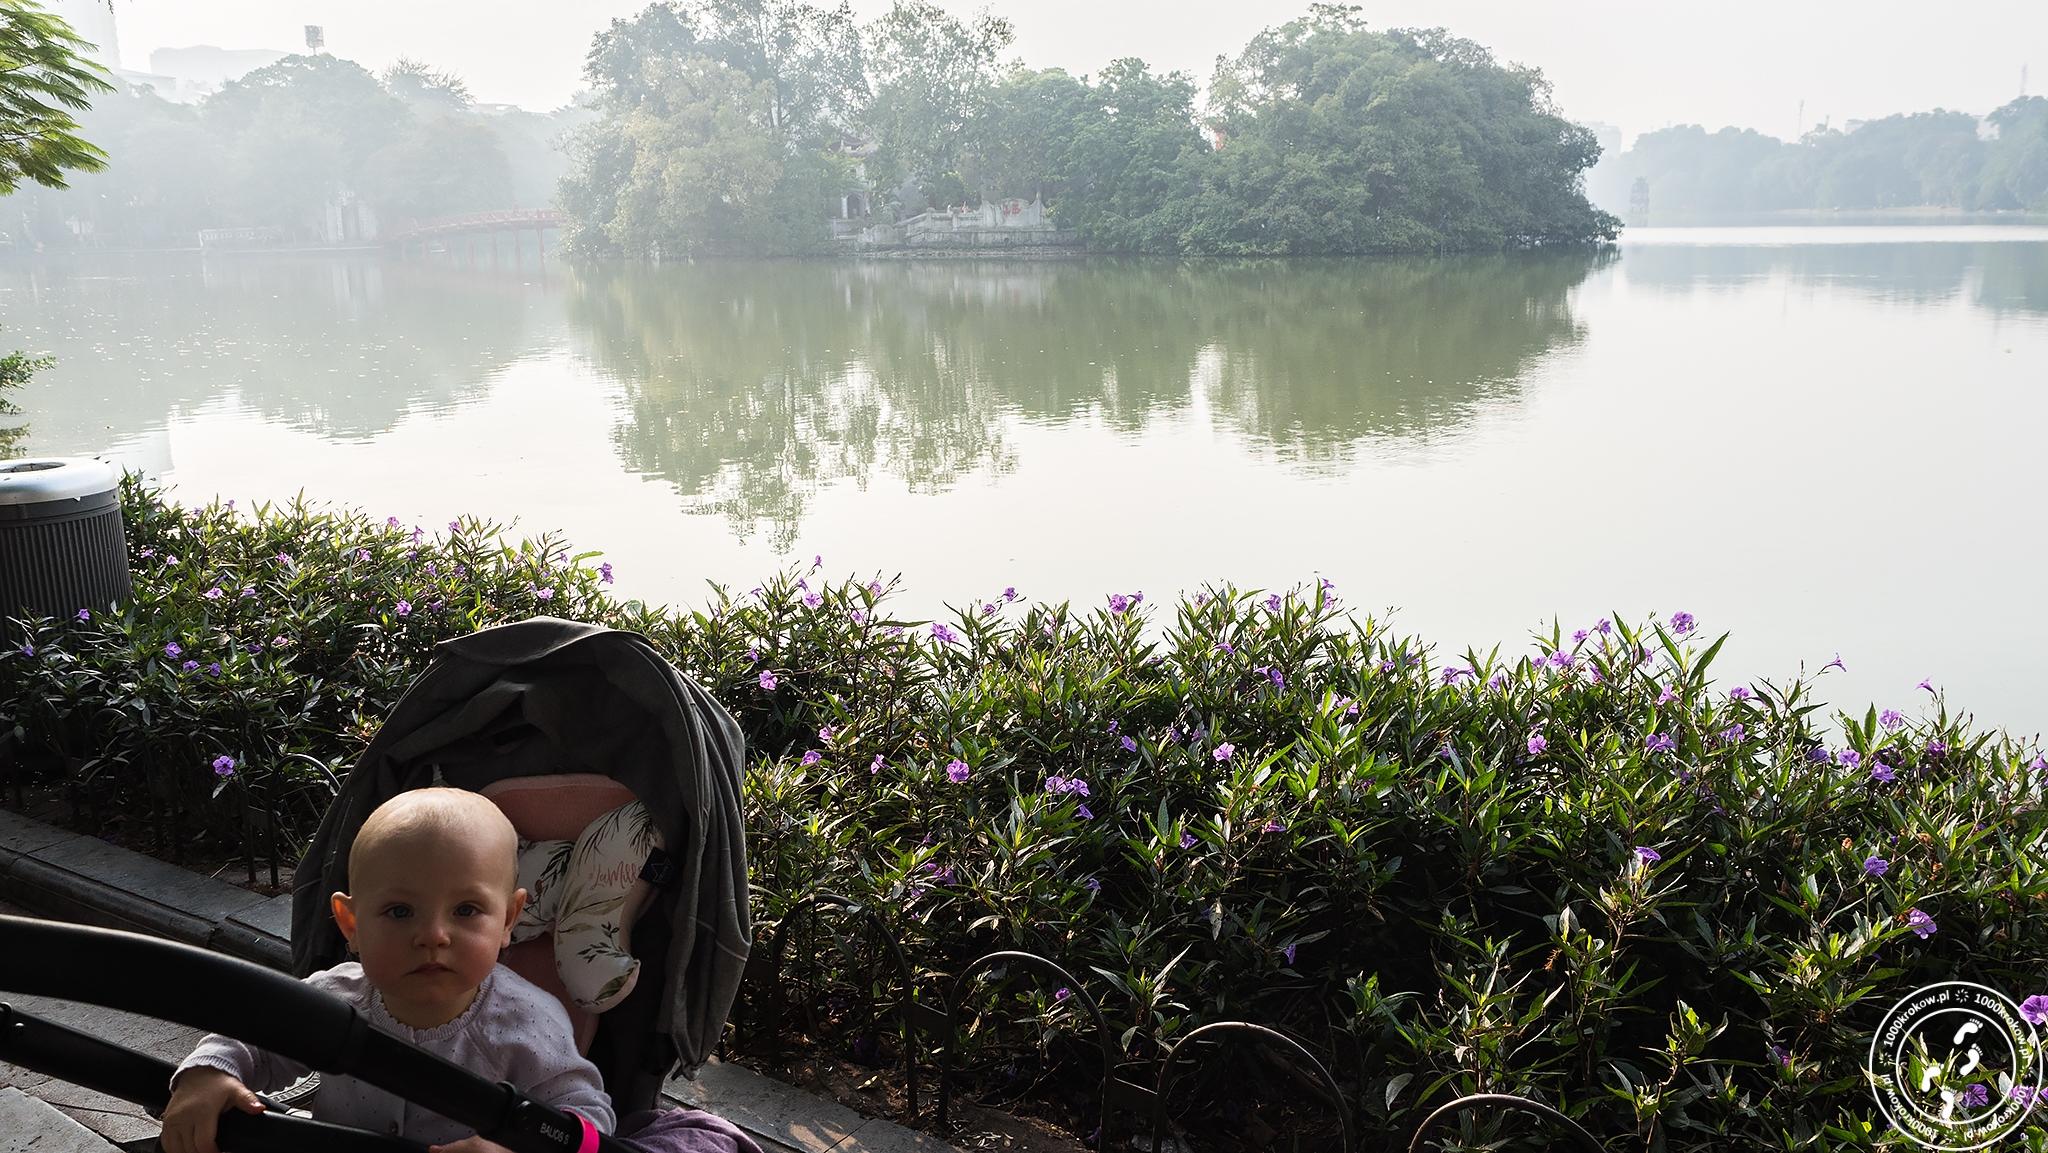 Hồ Hoàn Kiếm Hanoi 1000krokow